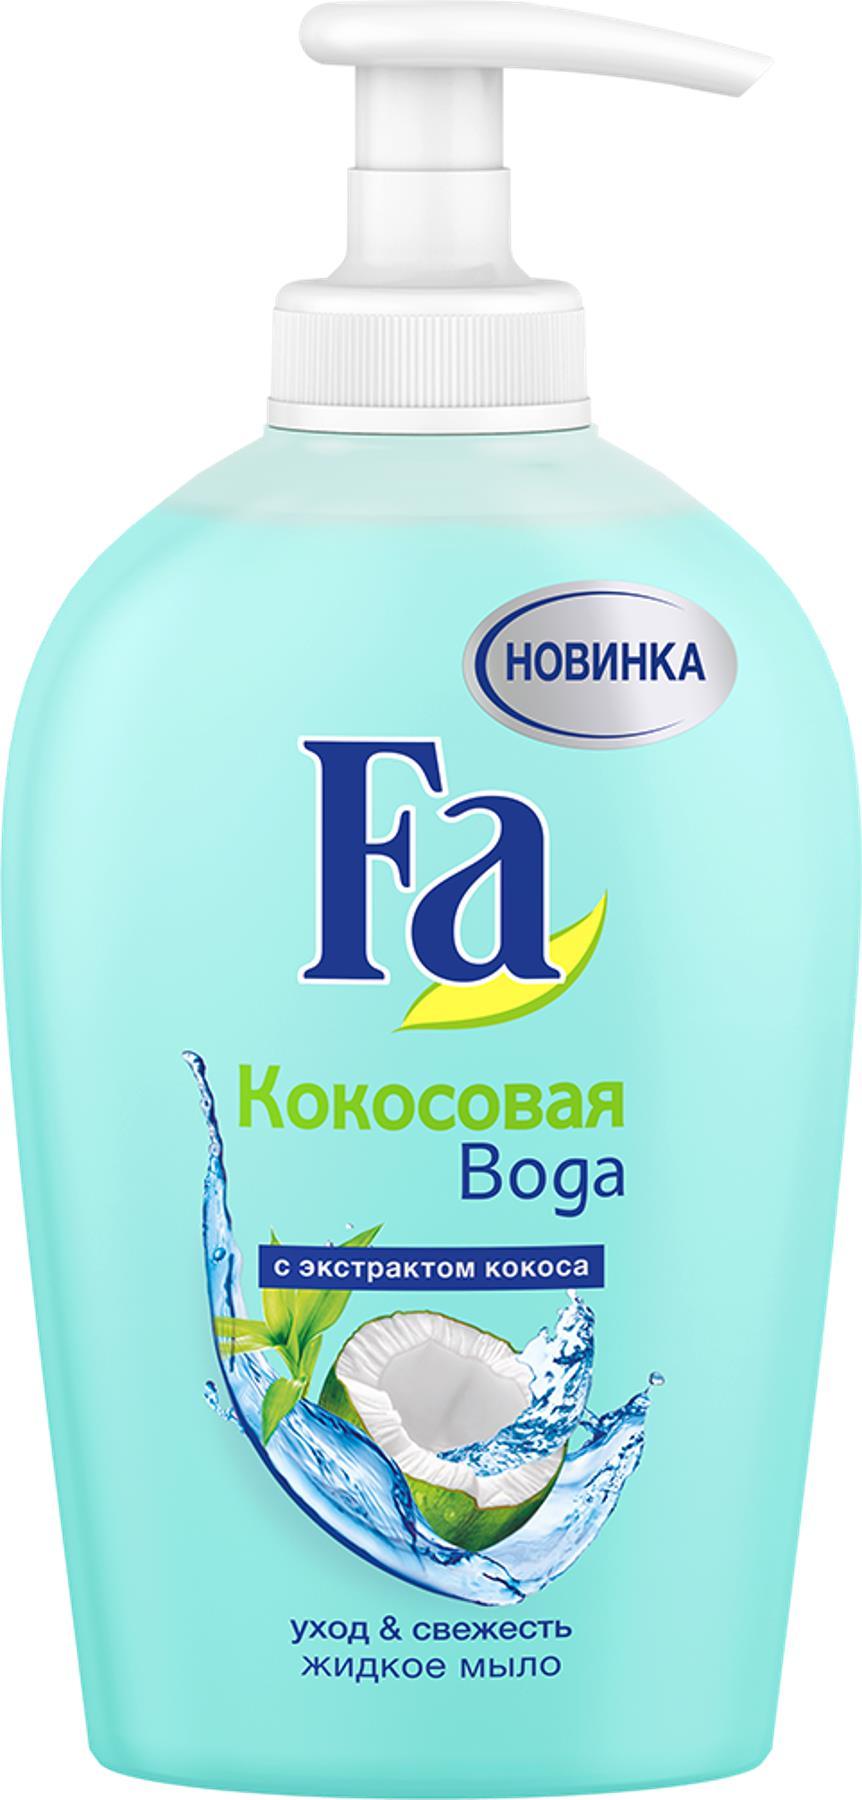 FA Жидкое мыло Кокосовая вода, 250 мл